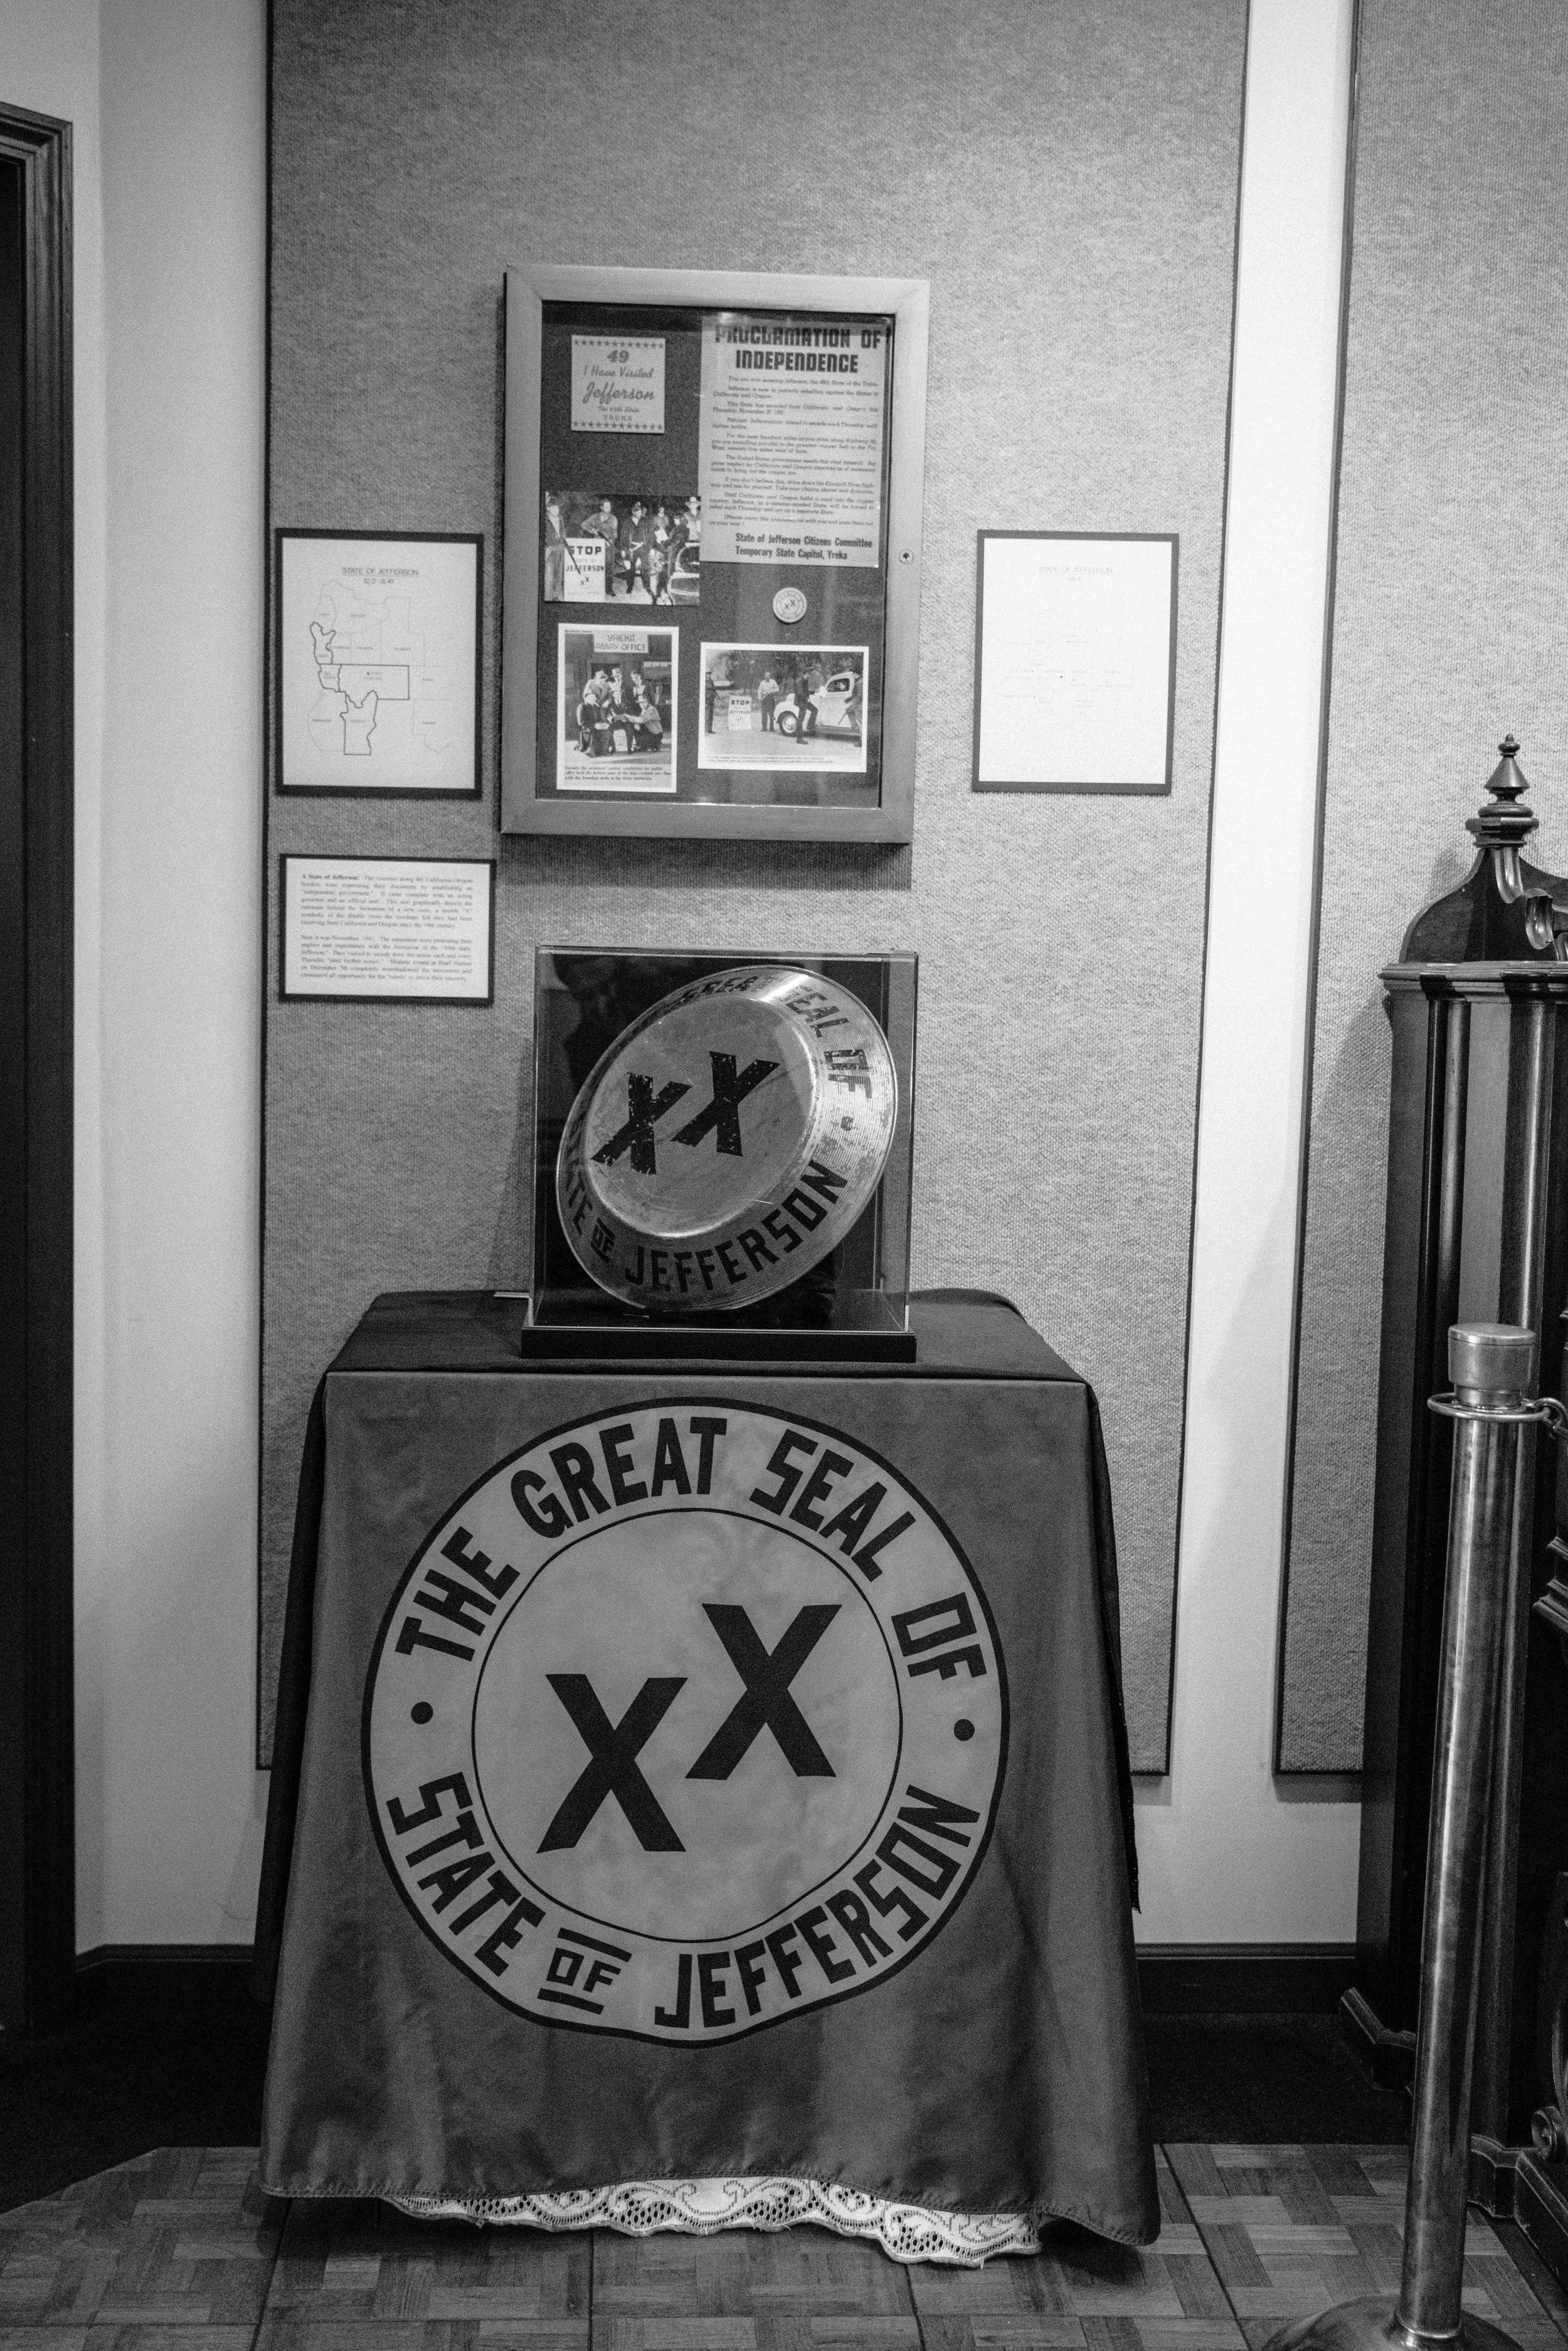 state-of-jefferson-seal-museum-josue-rivas.jpg